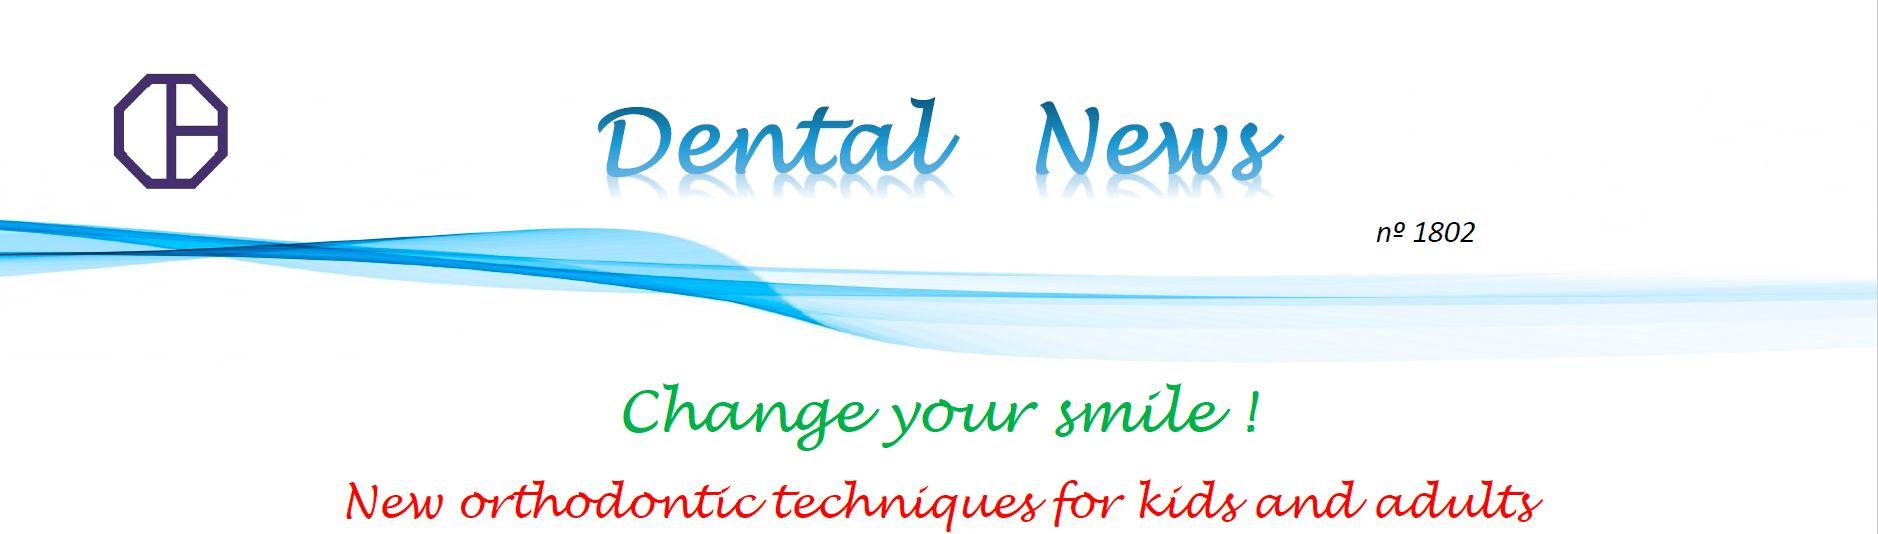 Header newsletter february 18